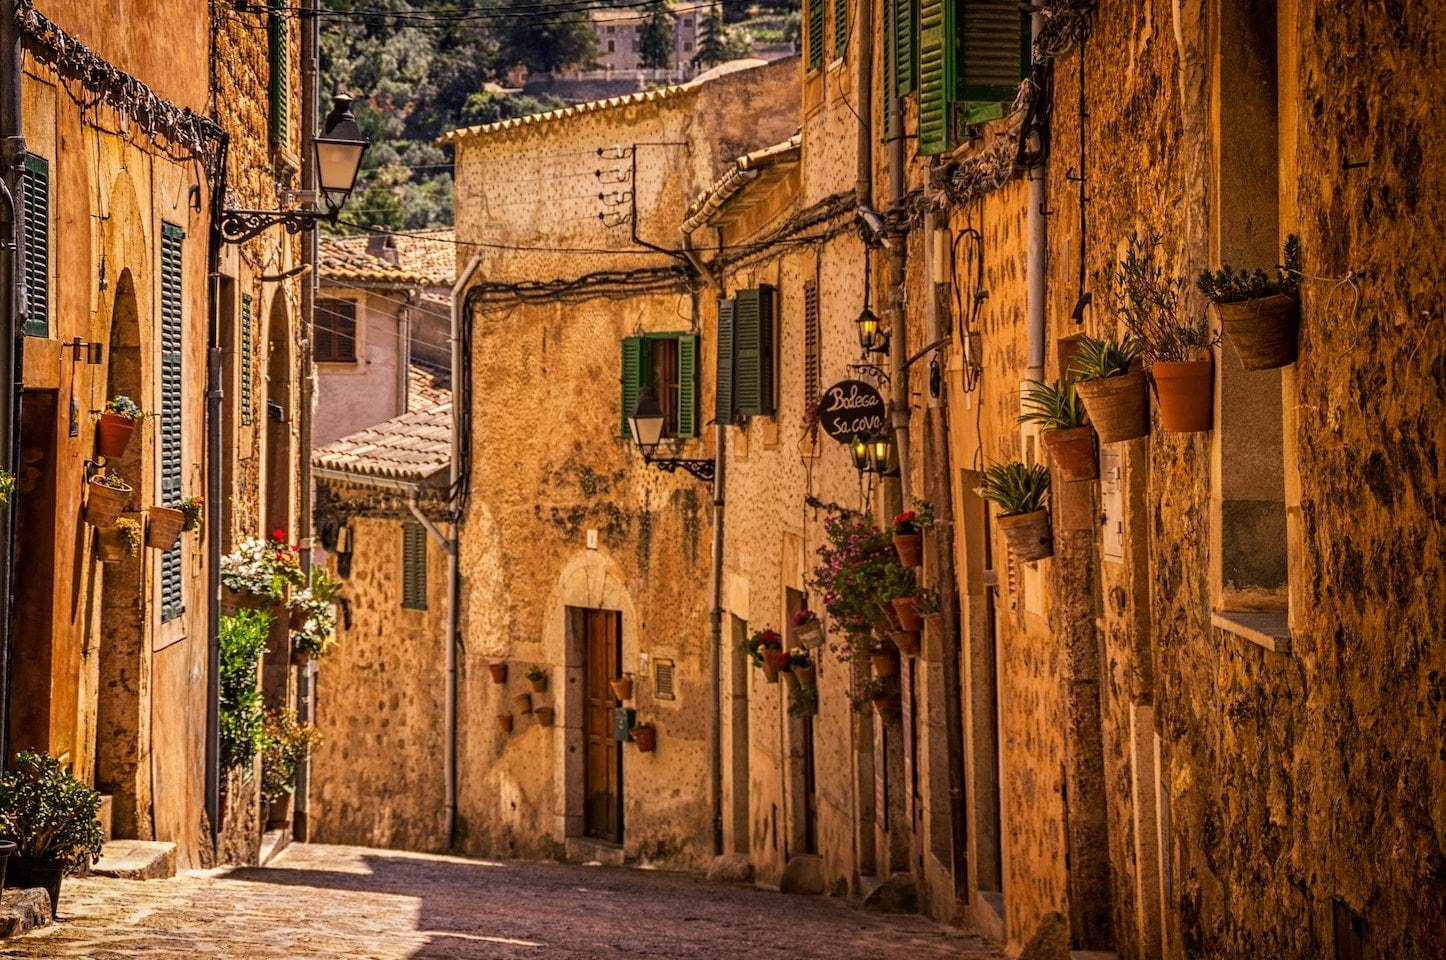 very old city street in spain